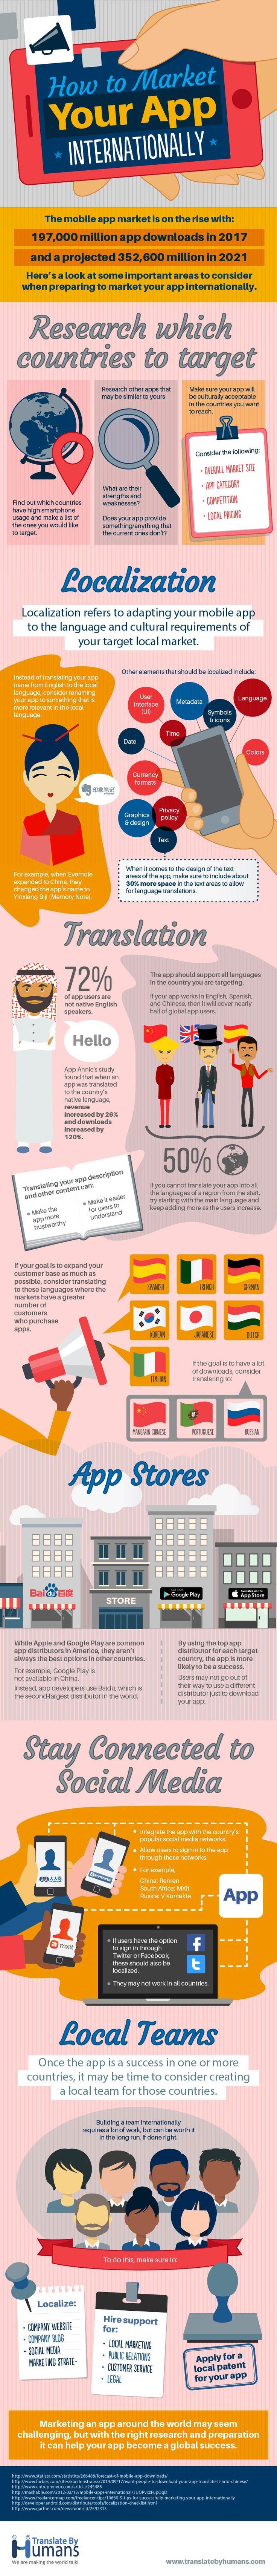 Er zijn natuurlijk veel te veel mobiele apps. Marketing is lastig, zeker als je hoopt op internationale aandacht. Een van de drempels is lokalisatie, oftewel het vertalen van apps en het aanpassen voor andere culturen. In deze infographic het noodzakelijke stappenplan.